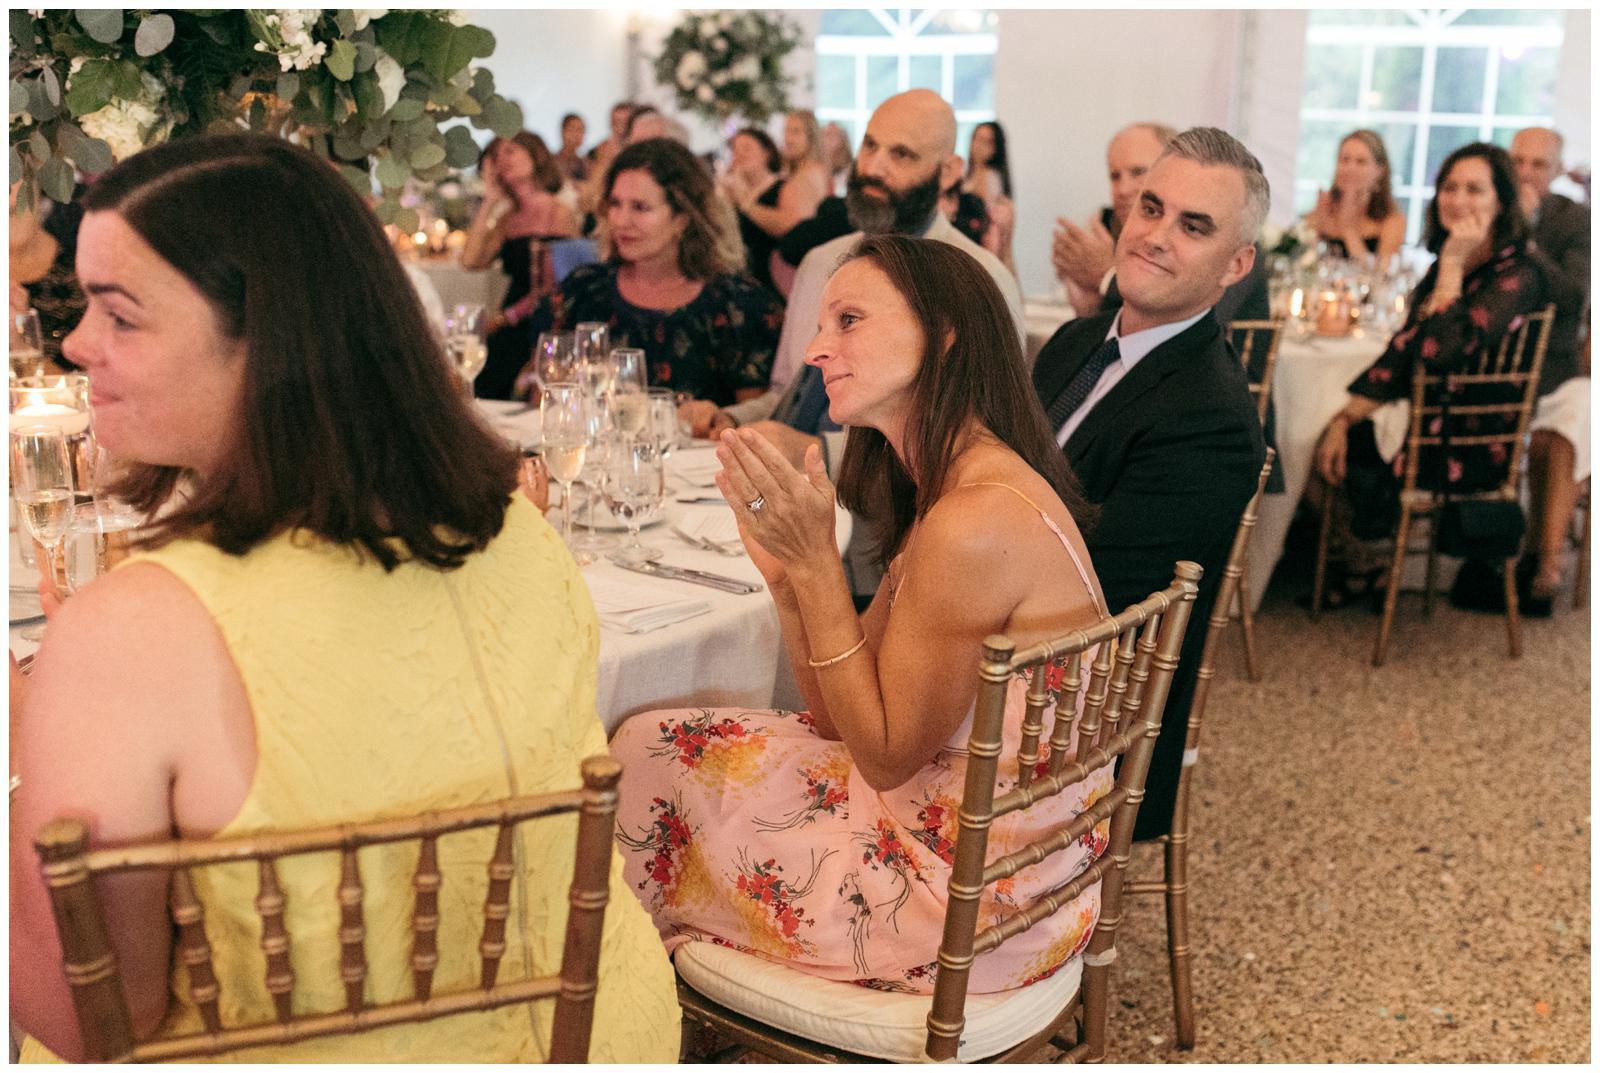 North shore tent wedding